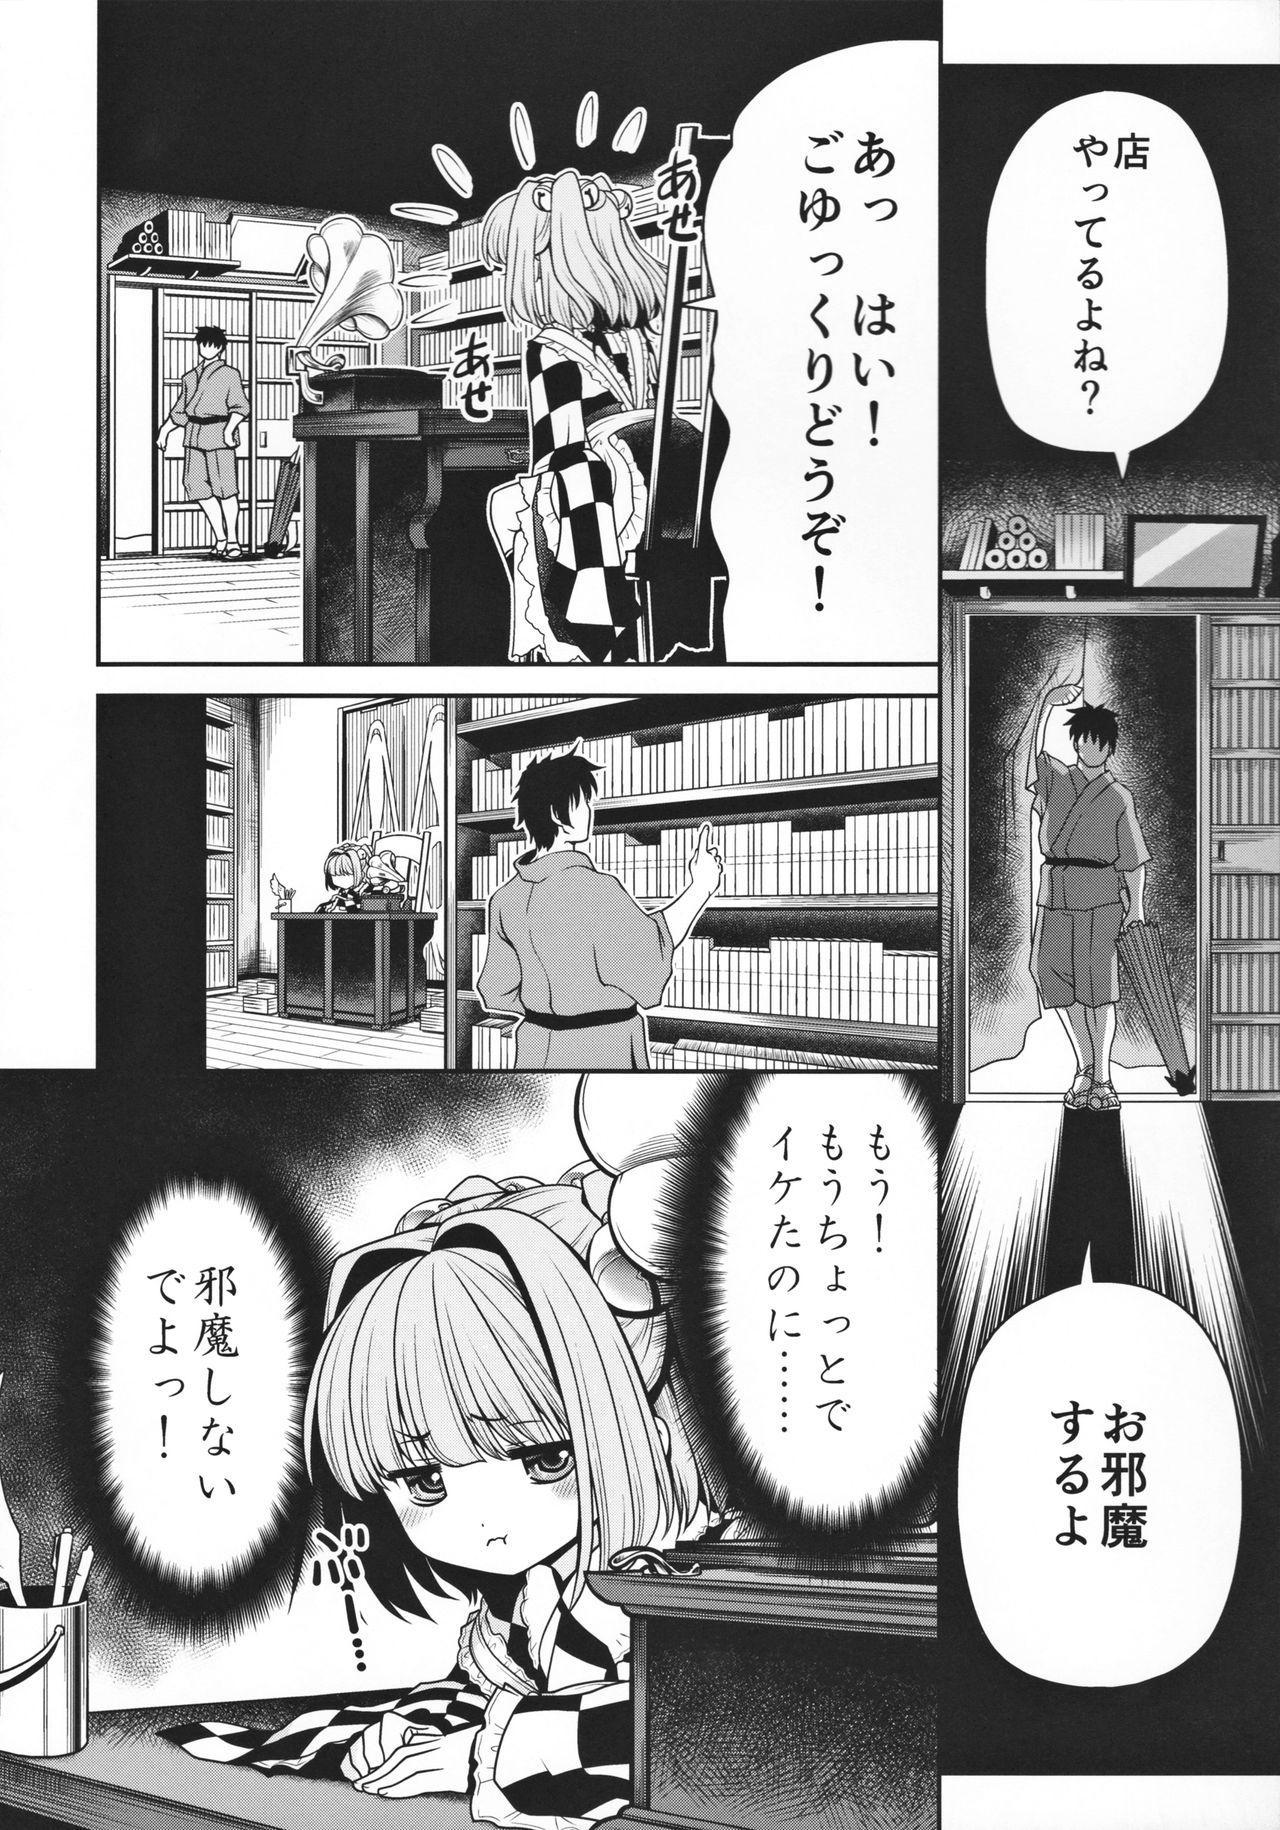 Watashi no Jii de Bokki Shitanara Watashi no Sekinin desu yo ne... 8